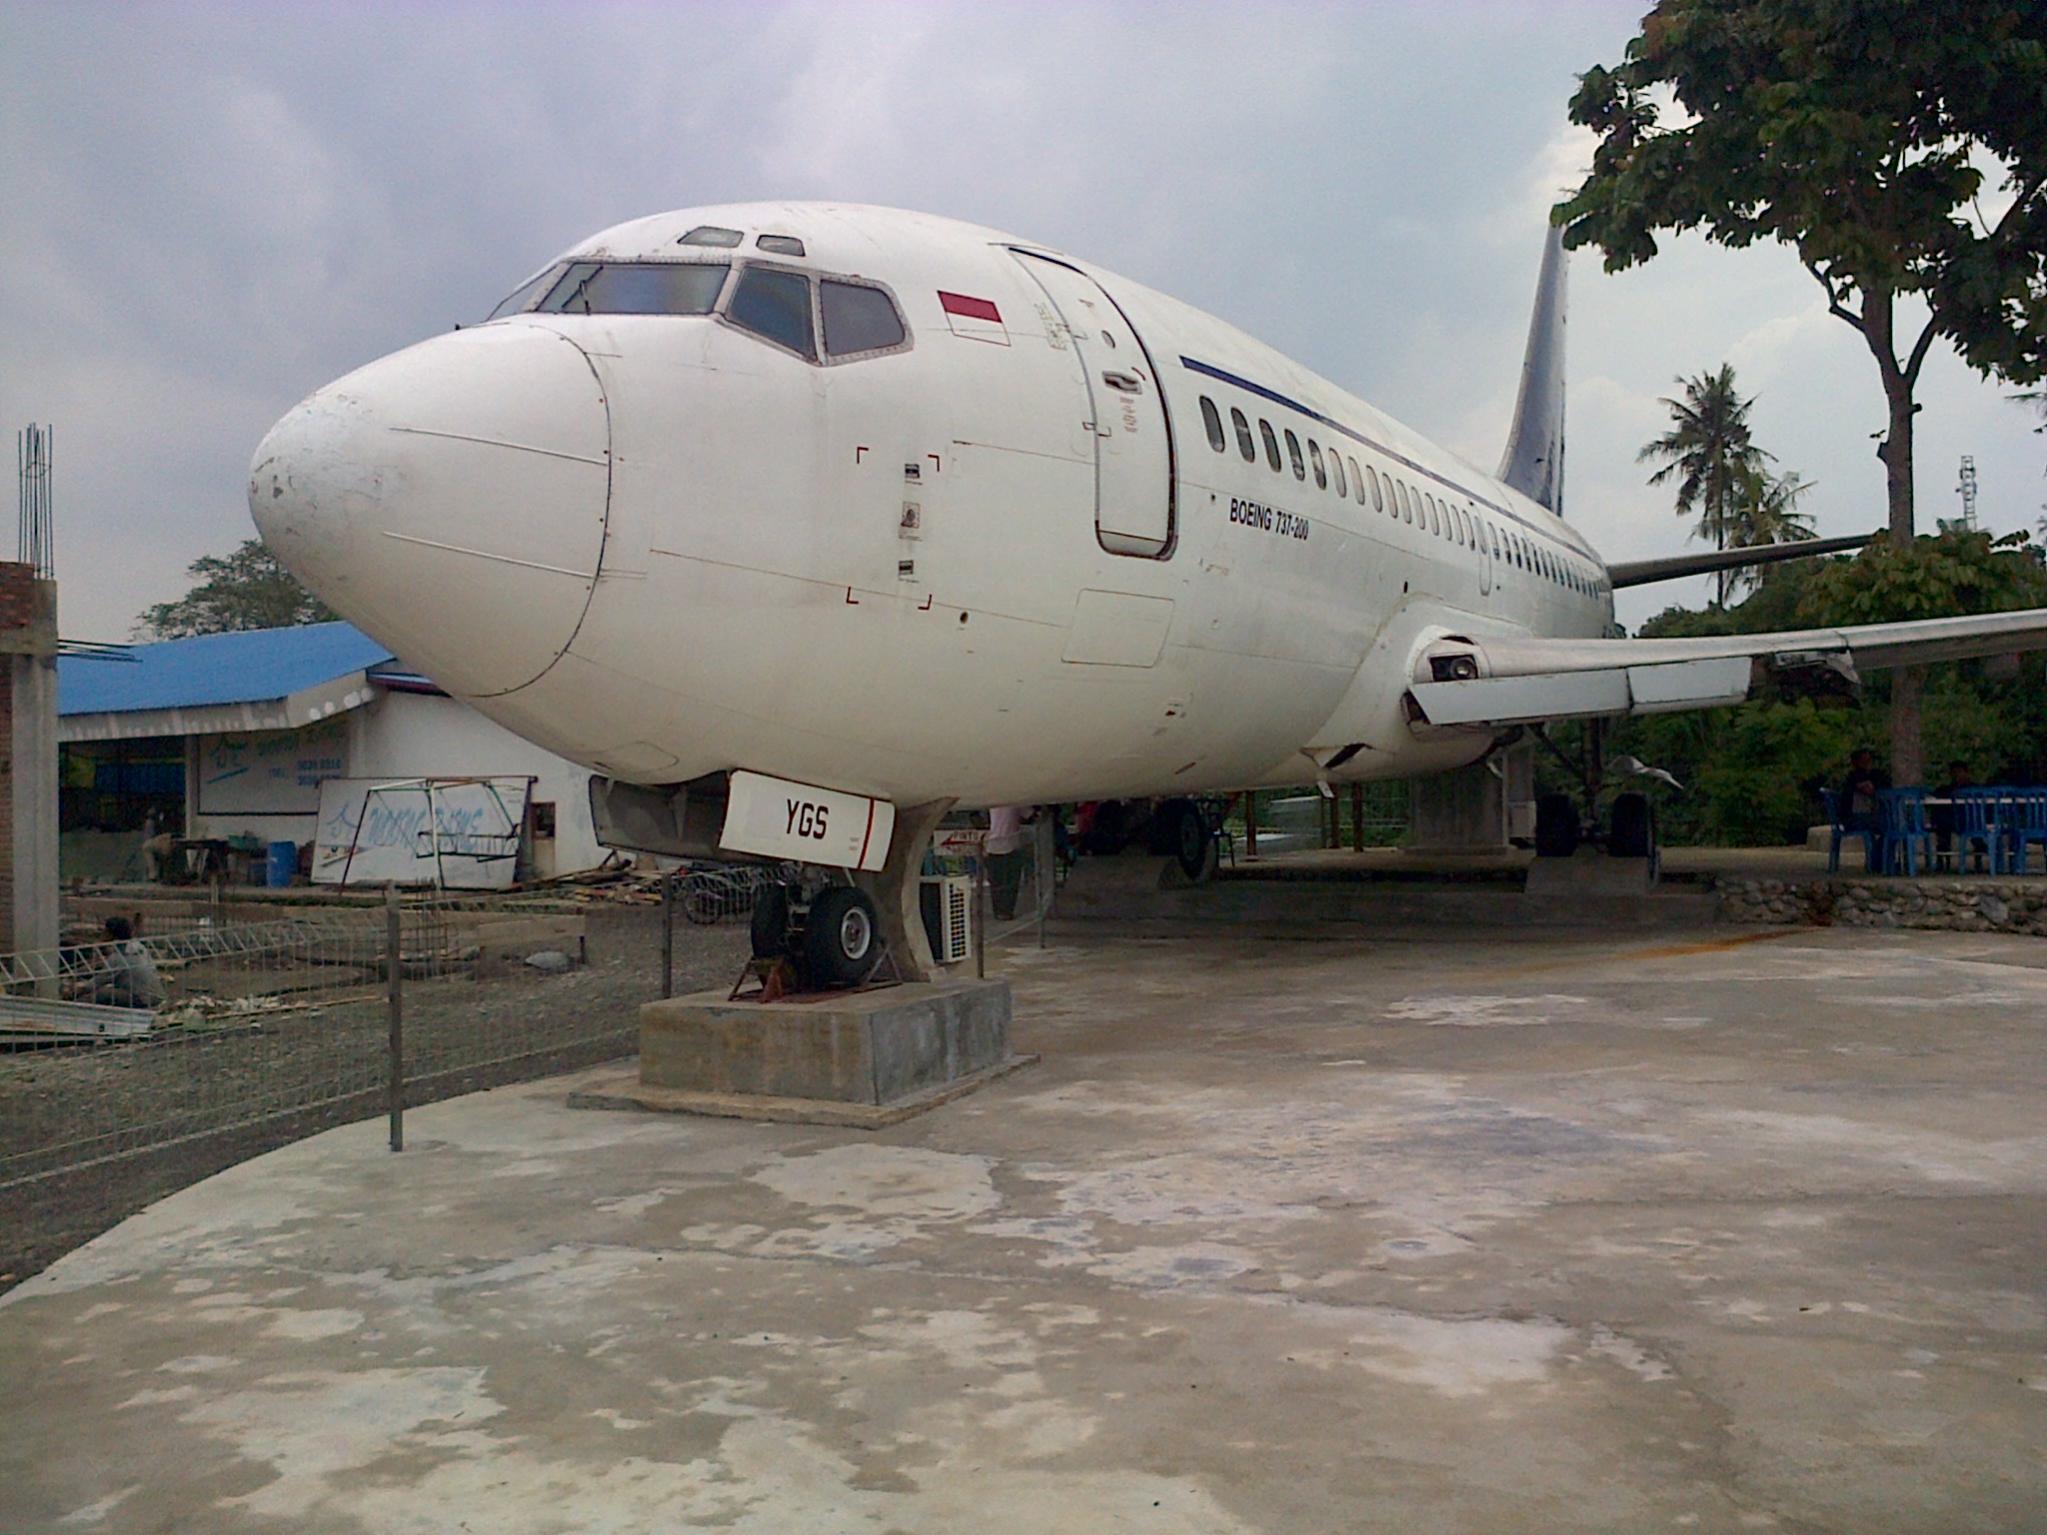 Naam: Boeing 737  200 - Tanjung Morawa , Sumatra.jpg Bekeken: 316 Grootte: 304,5 KB